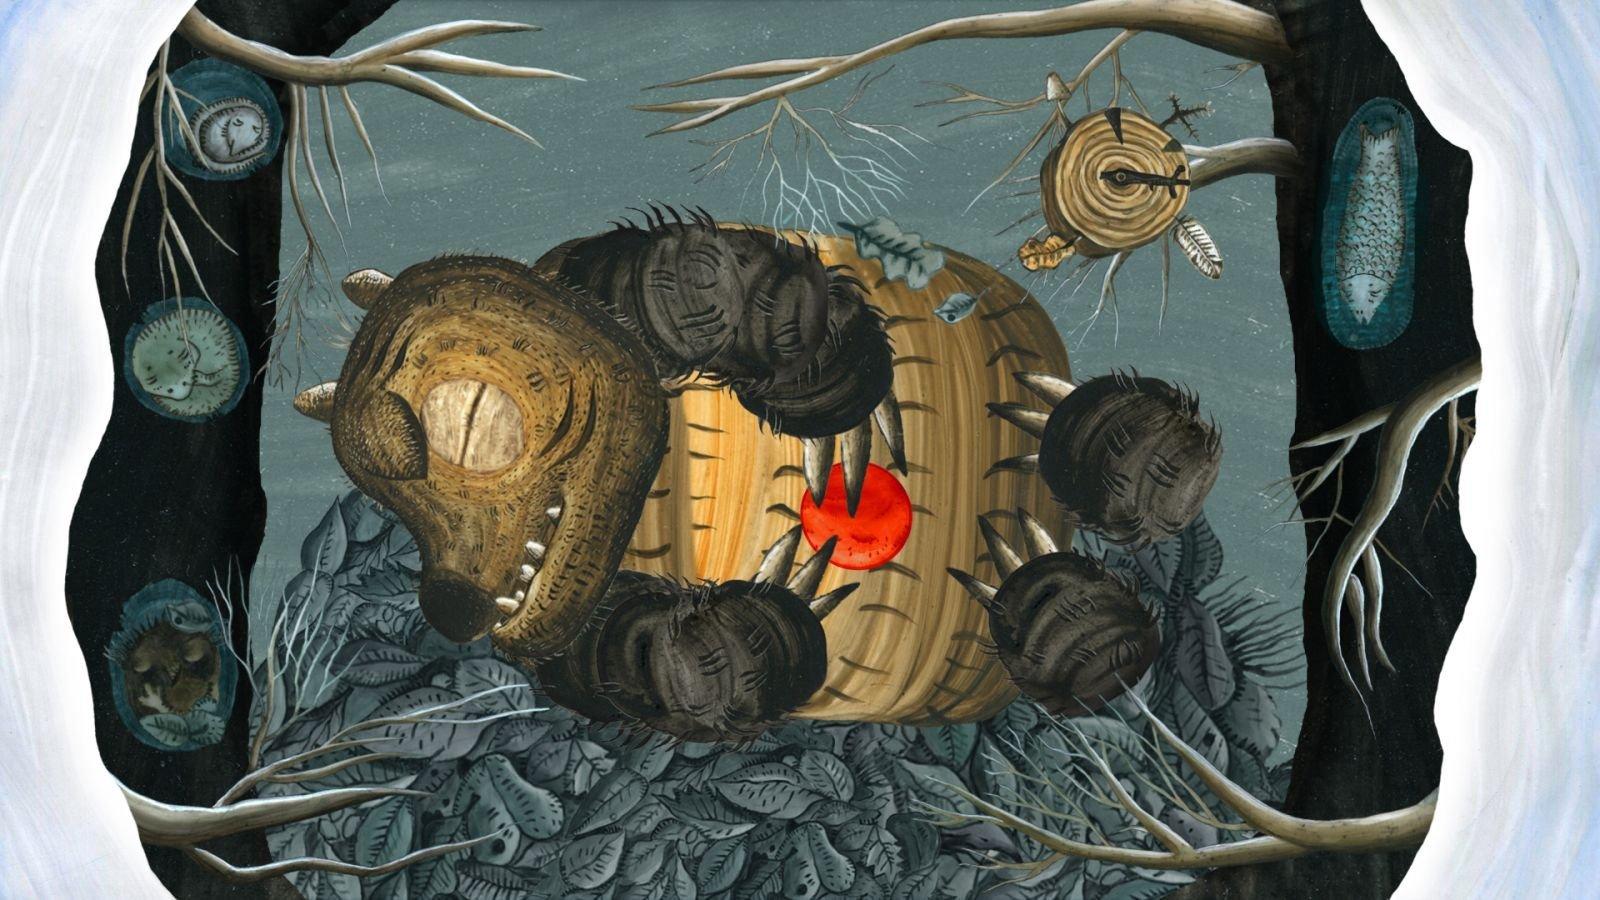 Кадр з анімацыйнай ленты Якія сны сніць мядзведзь